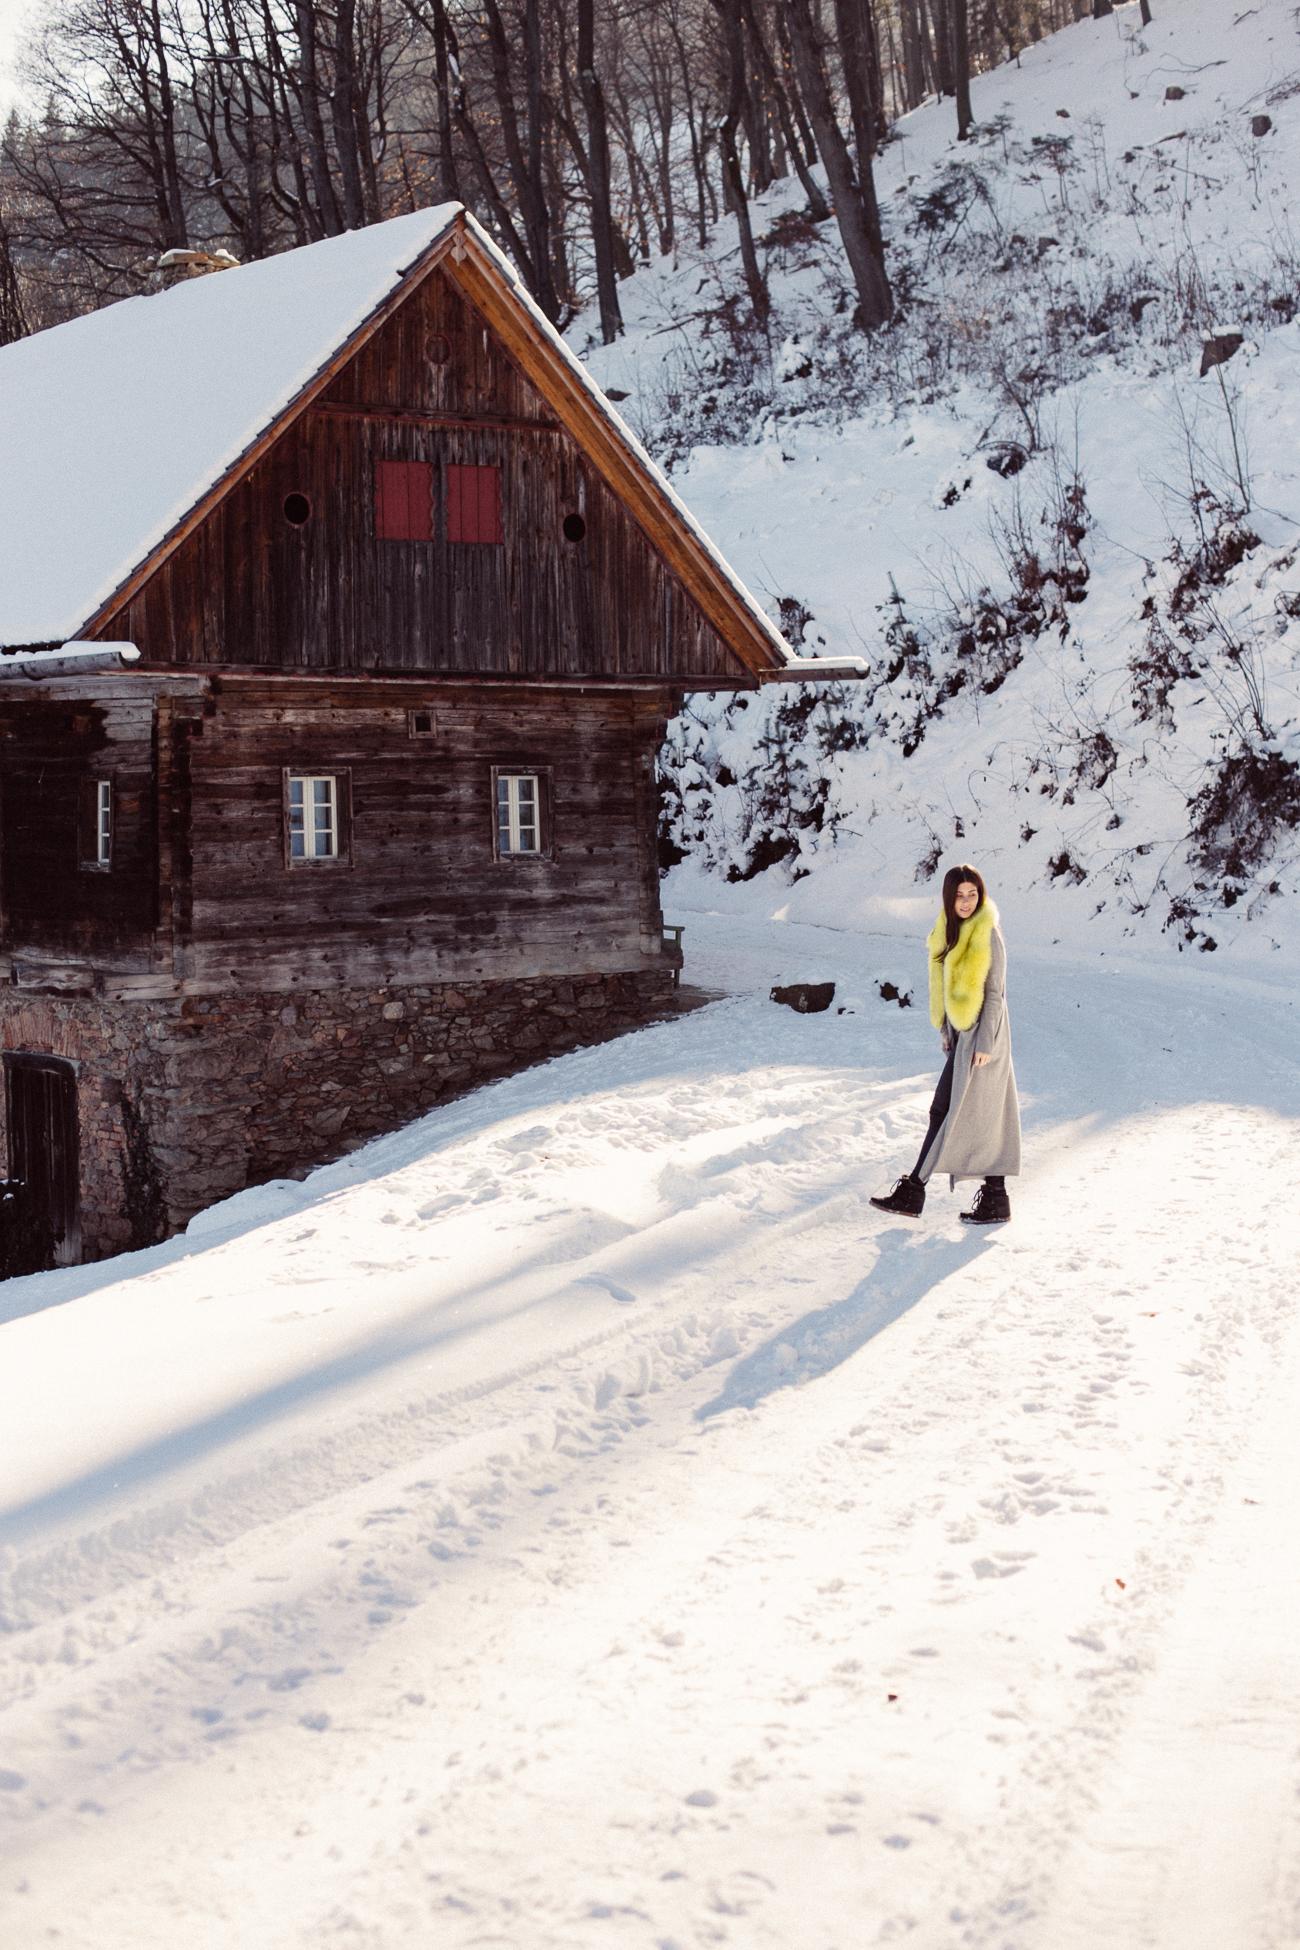 snowy weekend getaway